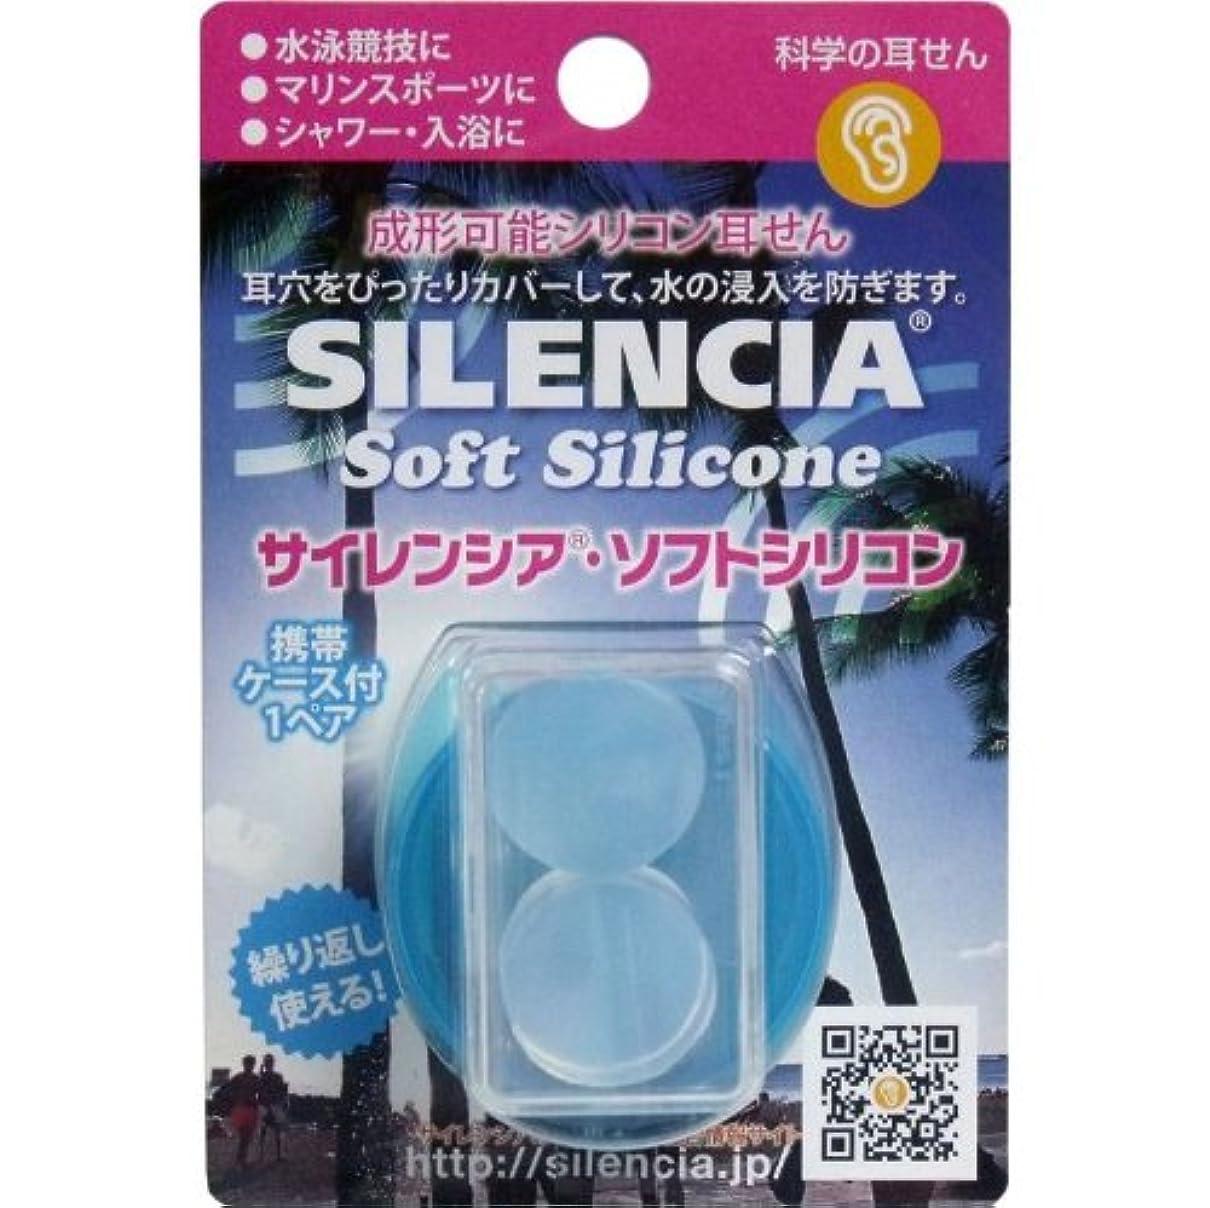 好ましい配る物質サイレンシア ソフトシリコン 携帯ケース付1ペア入